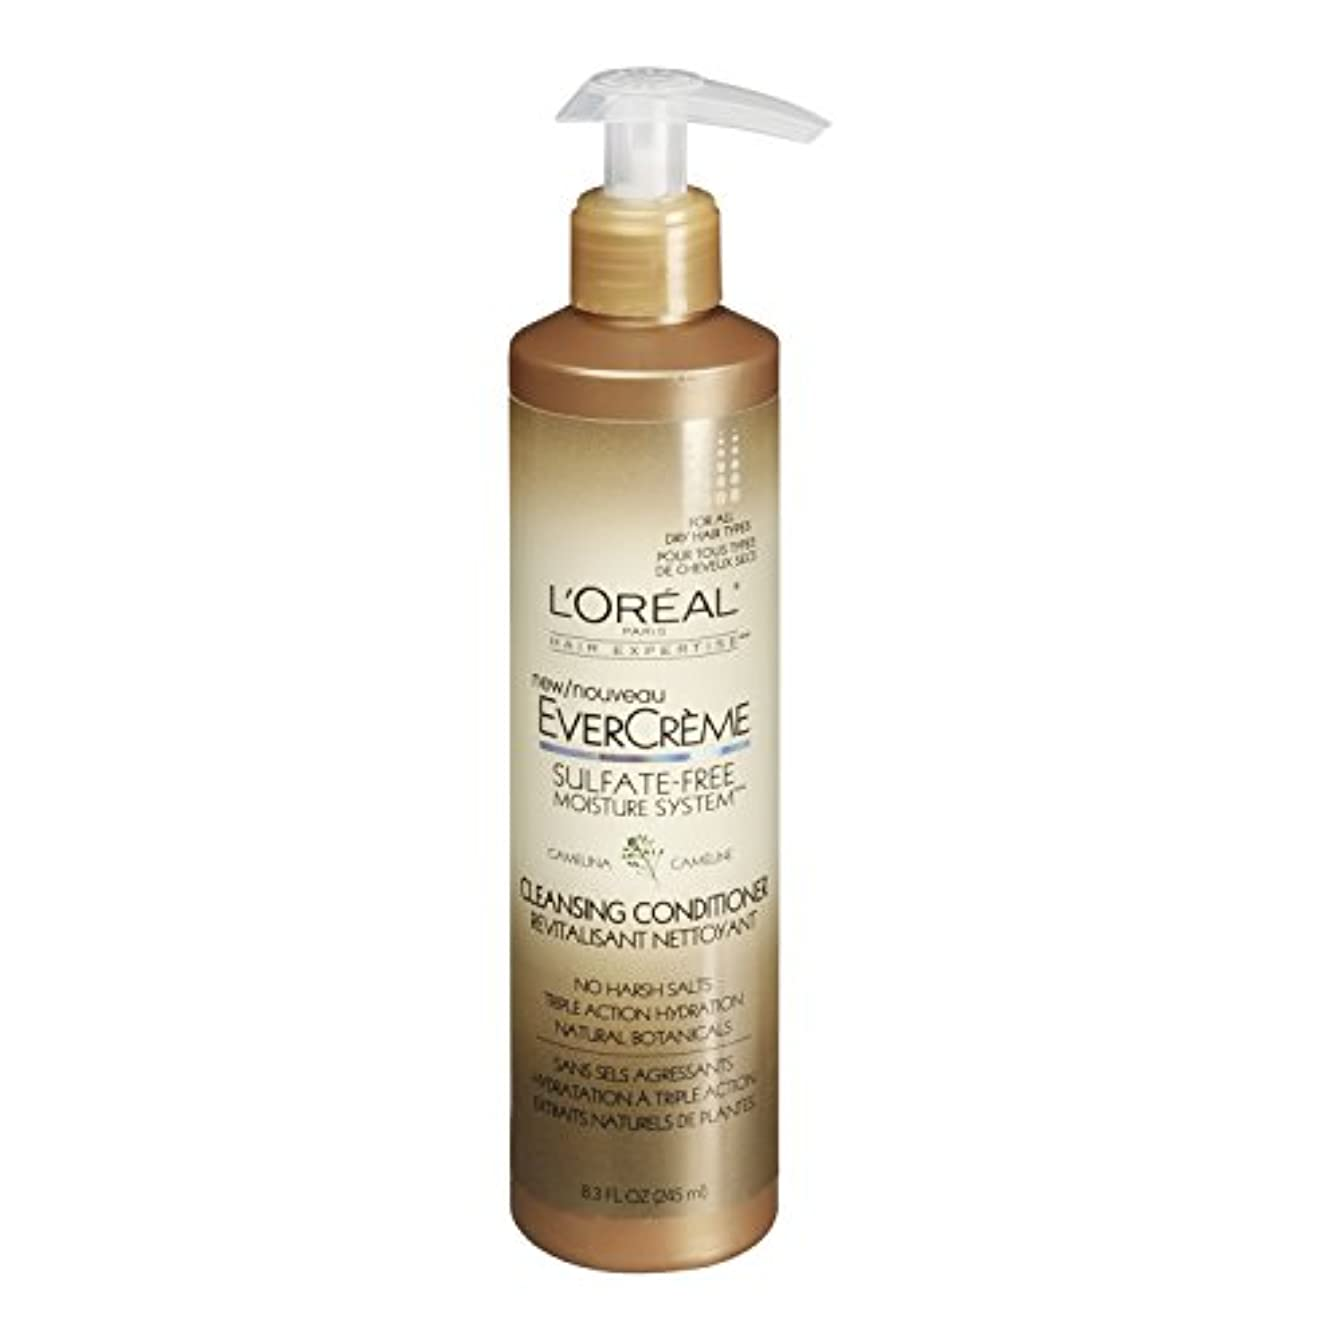 保険をかける言い聞かせる磁気L'Oreal Paris EverCreme Sulfate-Free Moisture System Cleansing Conditioner, 8.3 fl. Oz. by L'Oreal Paris Hair...